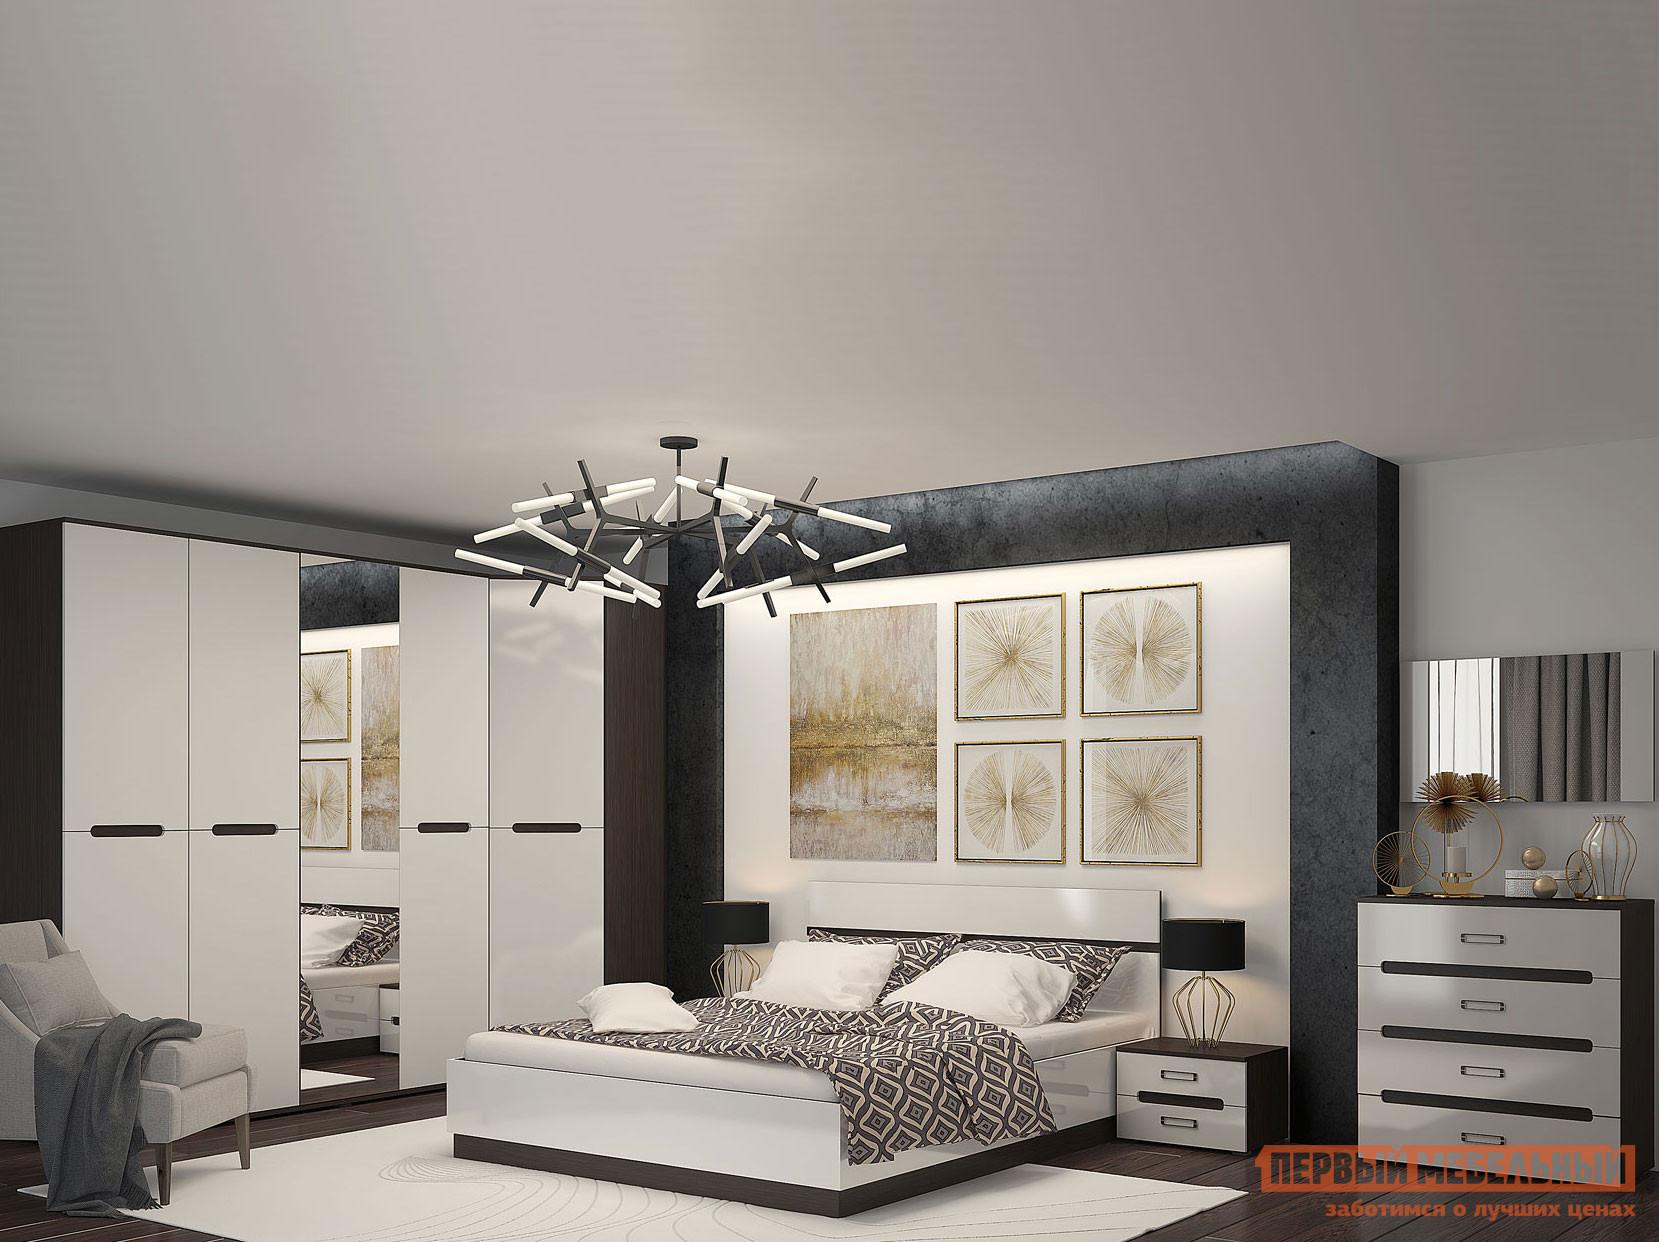 Спальный гарнитур Первый Мебельный Комплект мебели для спальни Вегас К2 спальный гарнитур нк мебель комплект мебели для спальни тиберия к2